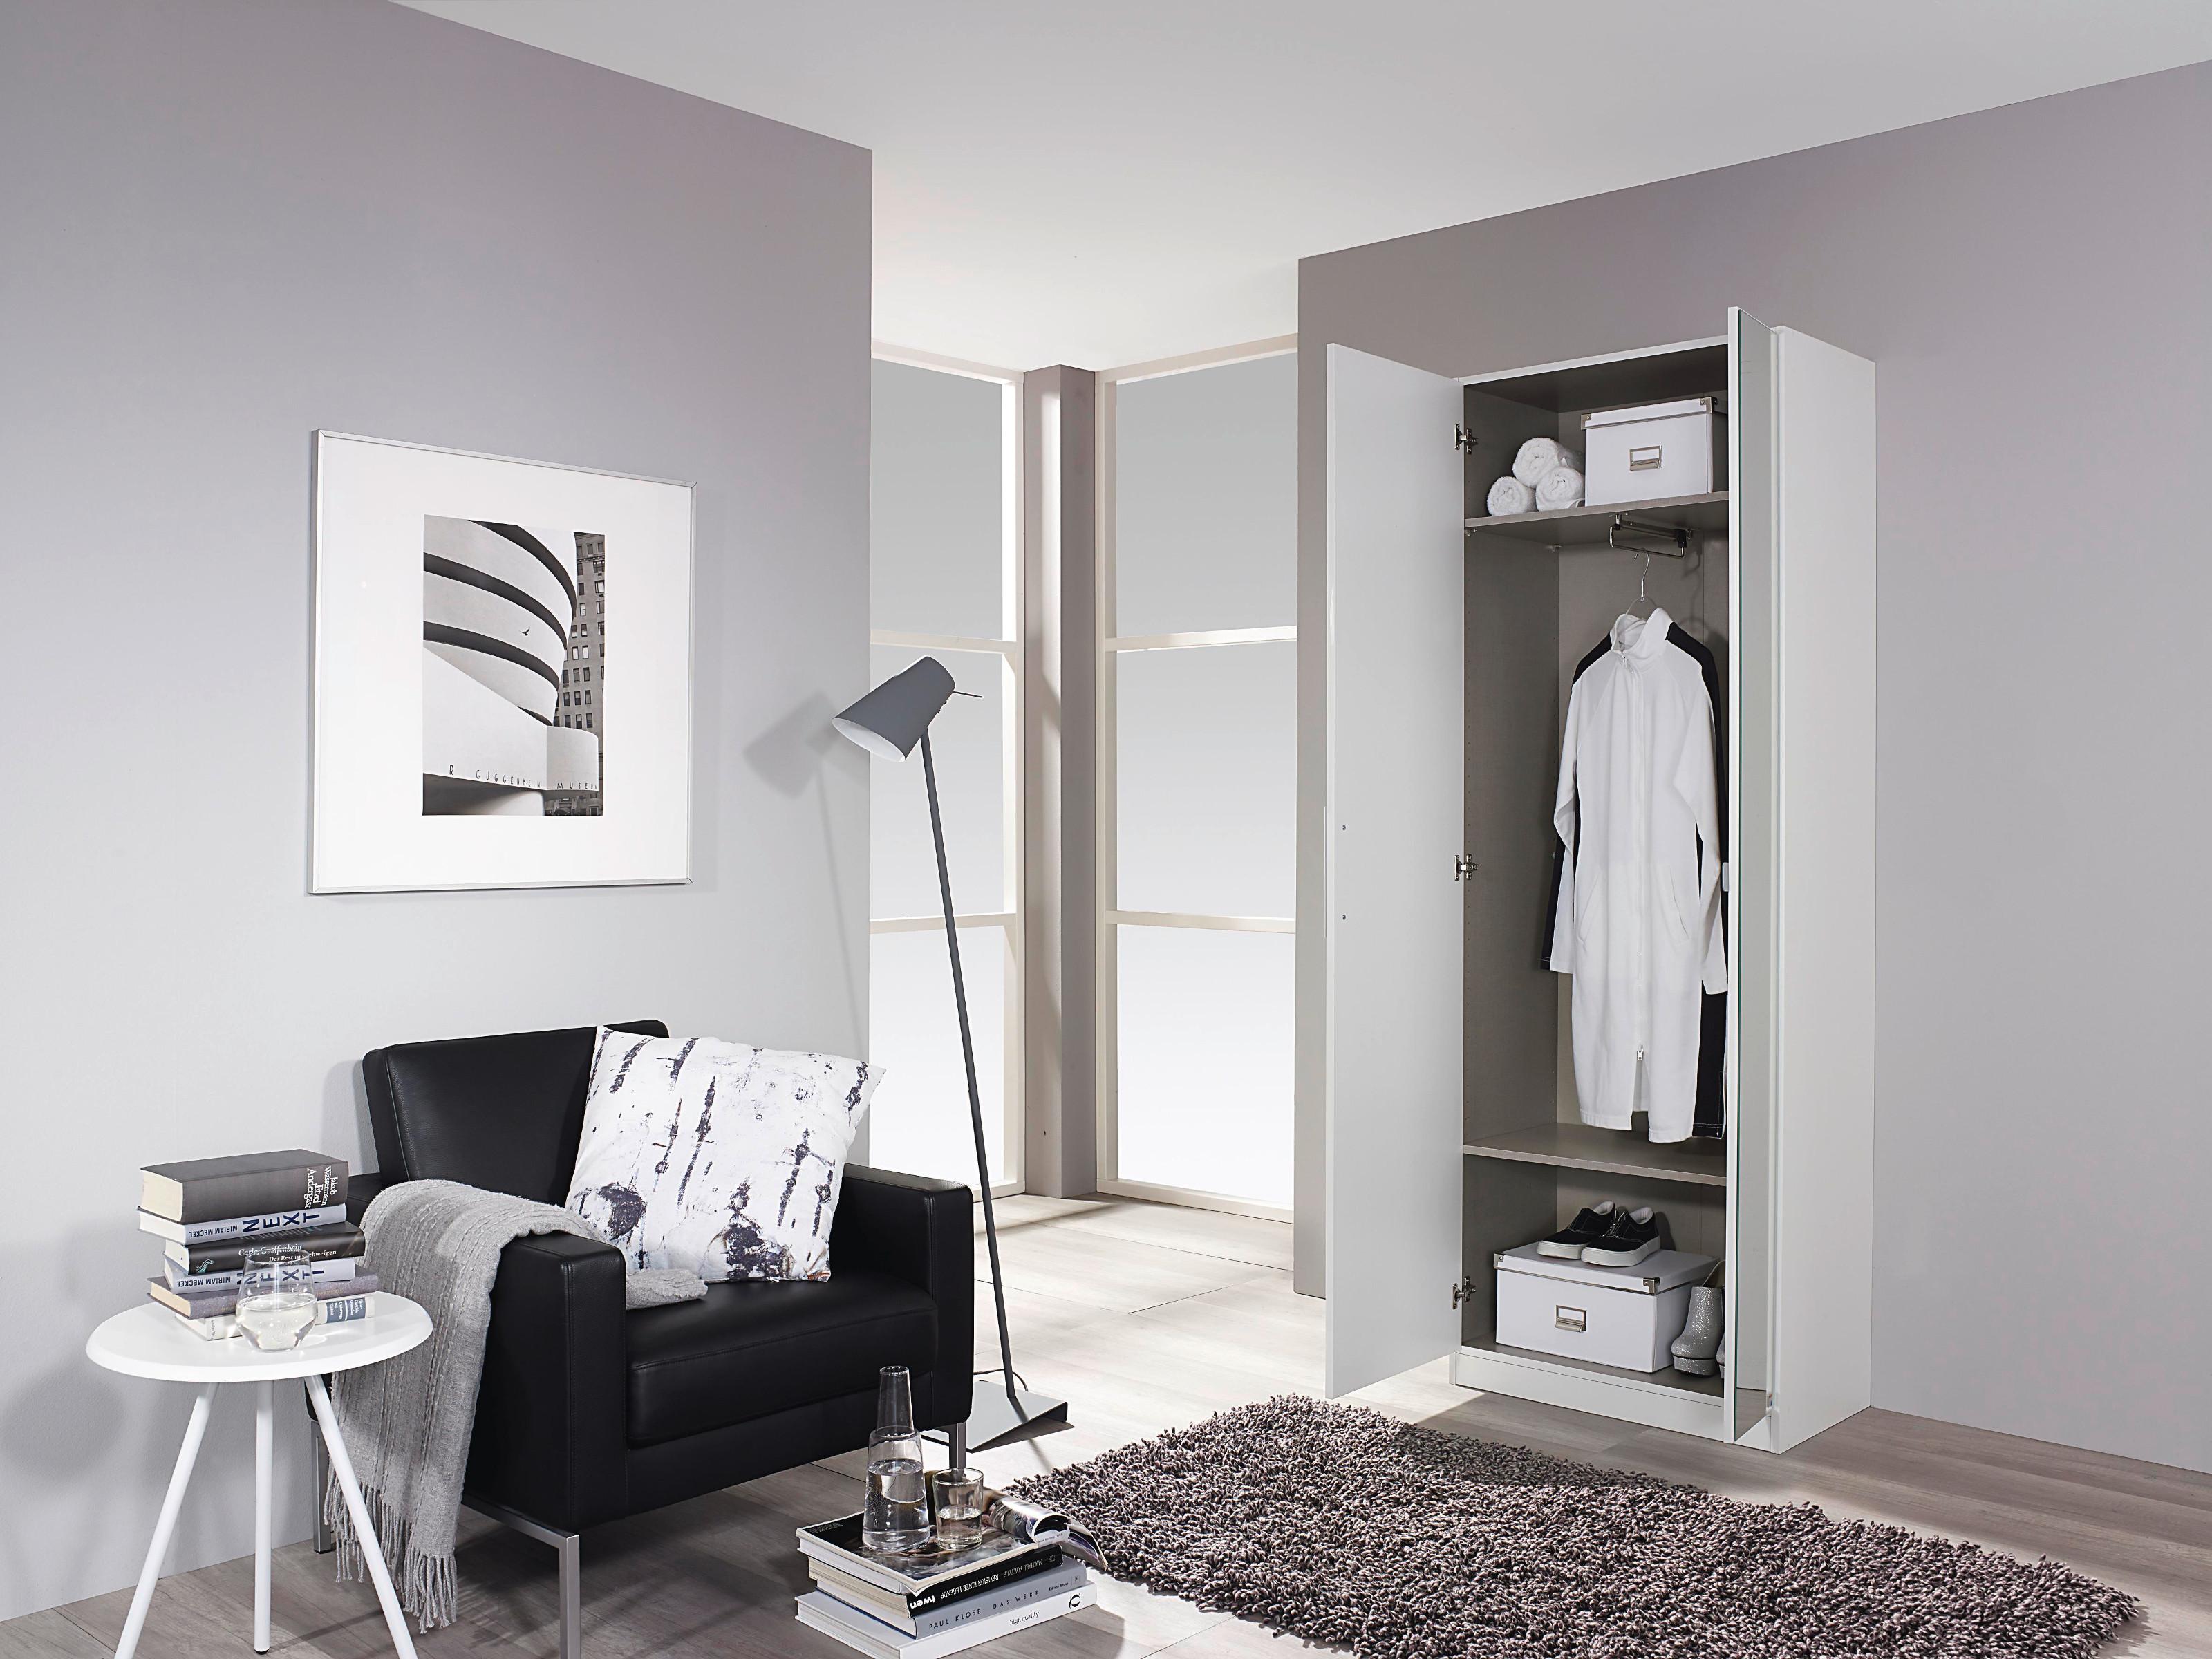 rauch dreht renschrank schuhschrank alpinwei hochglanz wei kleiderschrank ebay. Black Bedroom Furniture Sets. Home Design Ideas